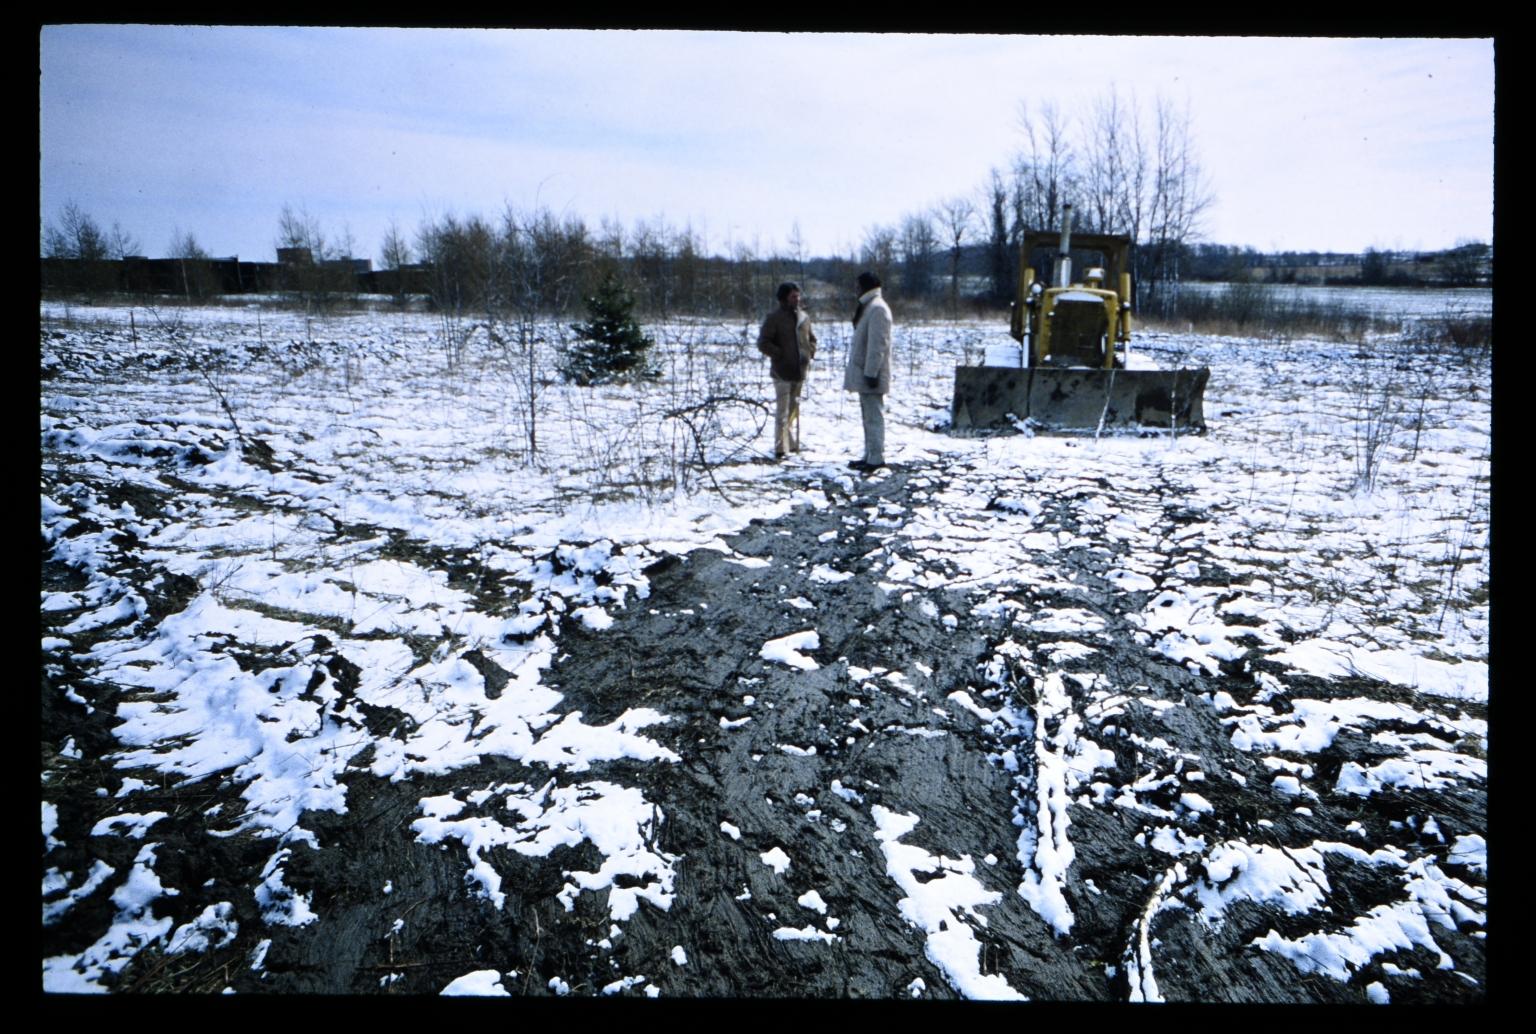 Bulldozer in snow